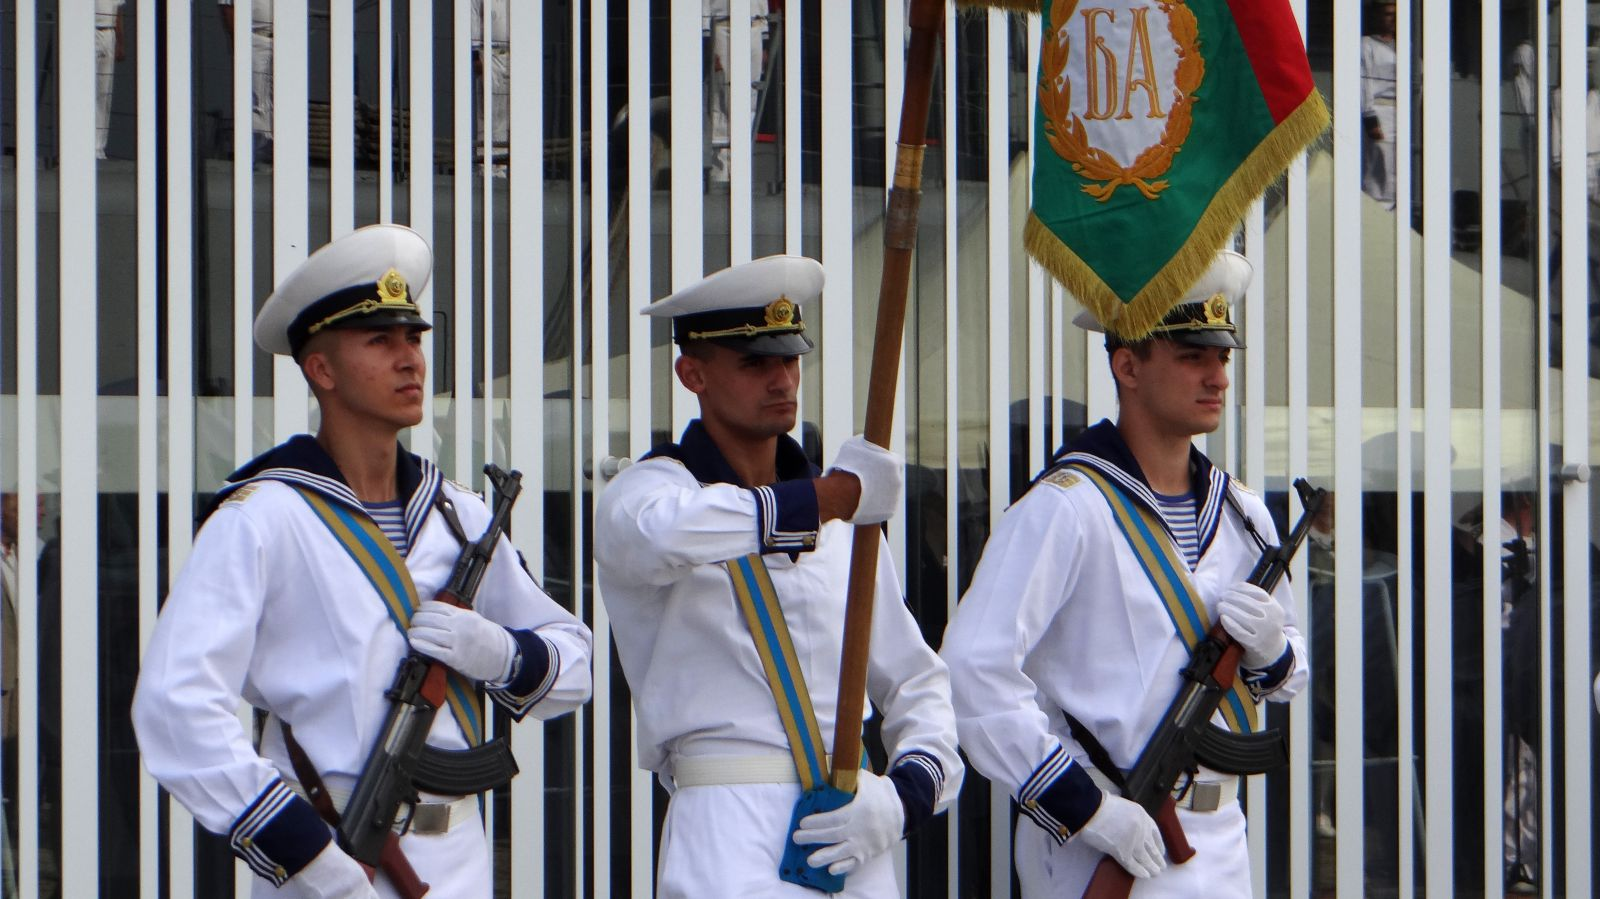 ГАЛЕРИЯ: ЛИЦАТА И ПРАЗНИКА НА ВМС - ЧАСТ 1